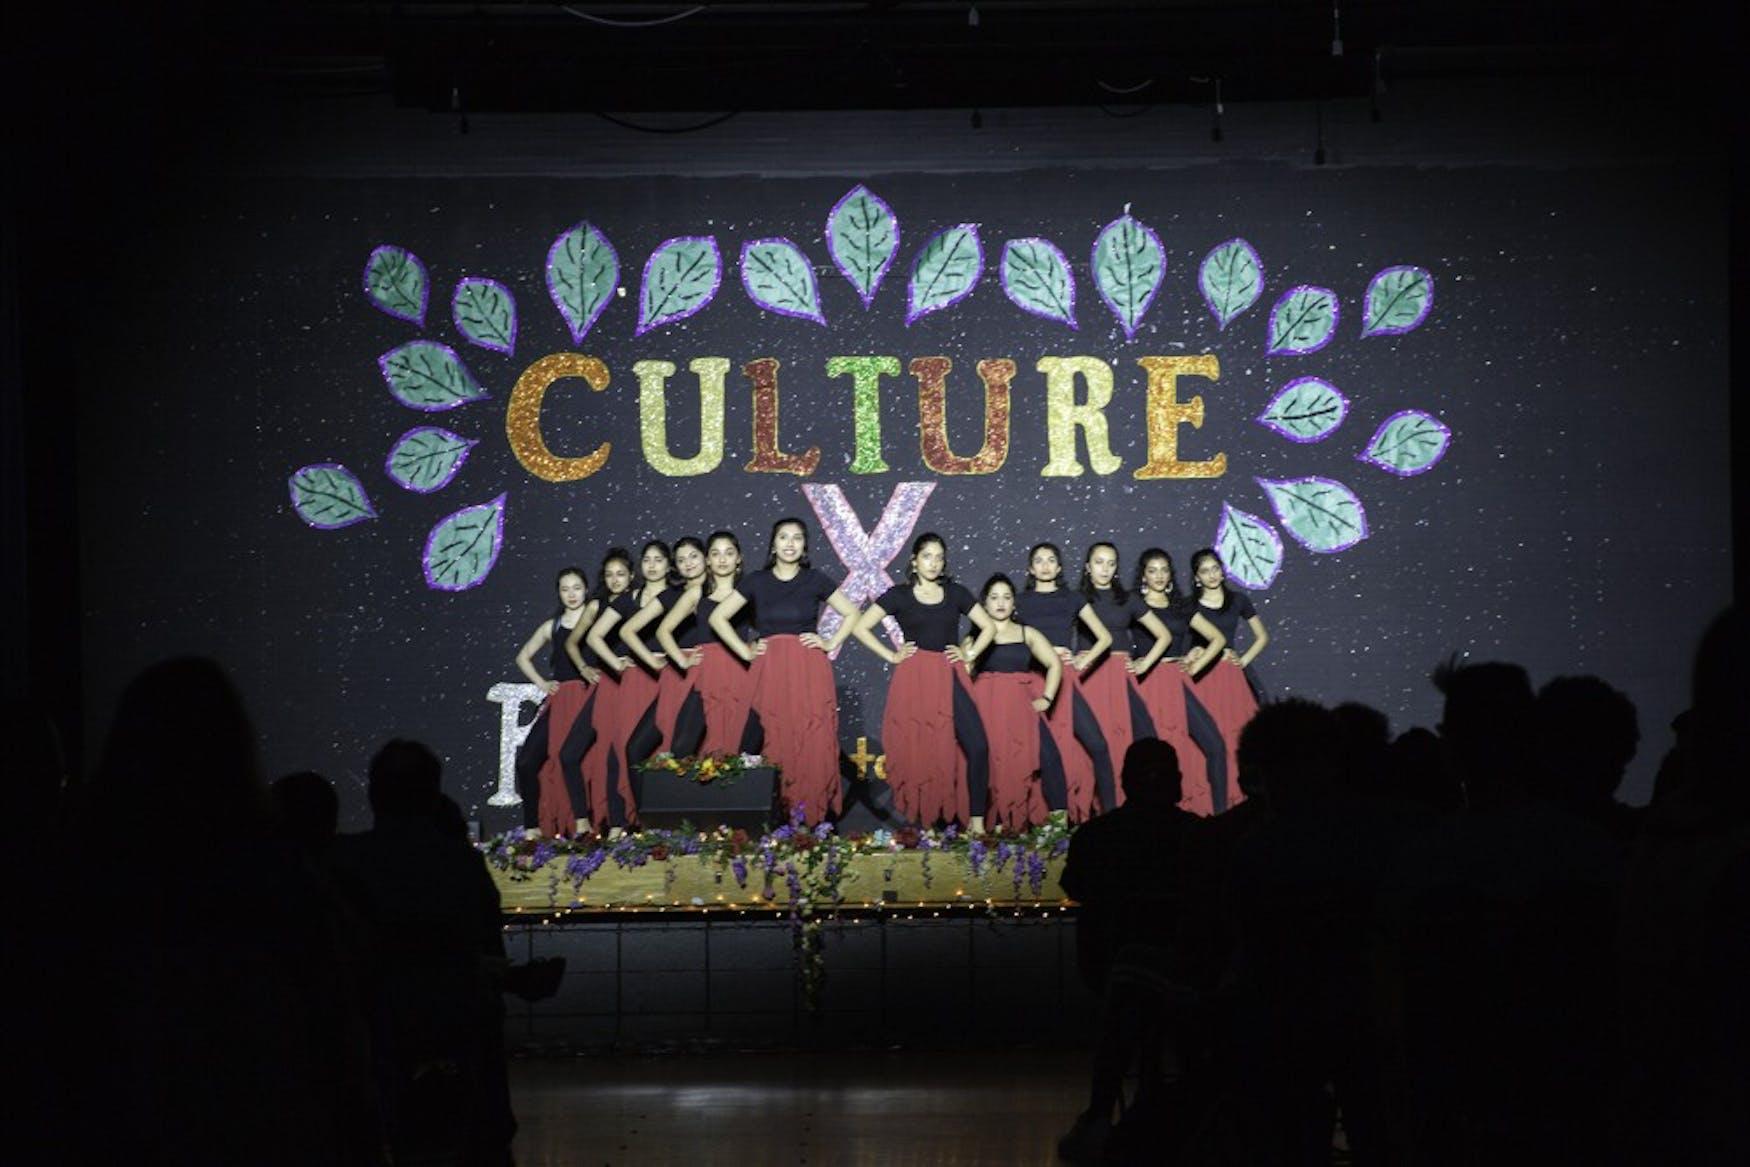 culture-x-4-13-19-ca-0069-2